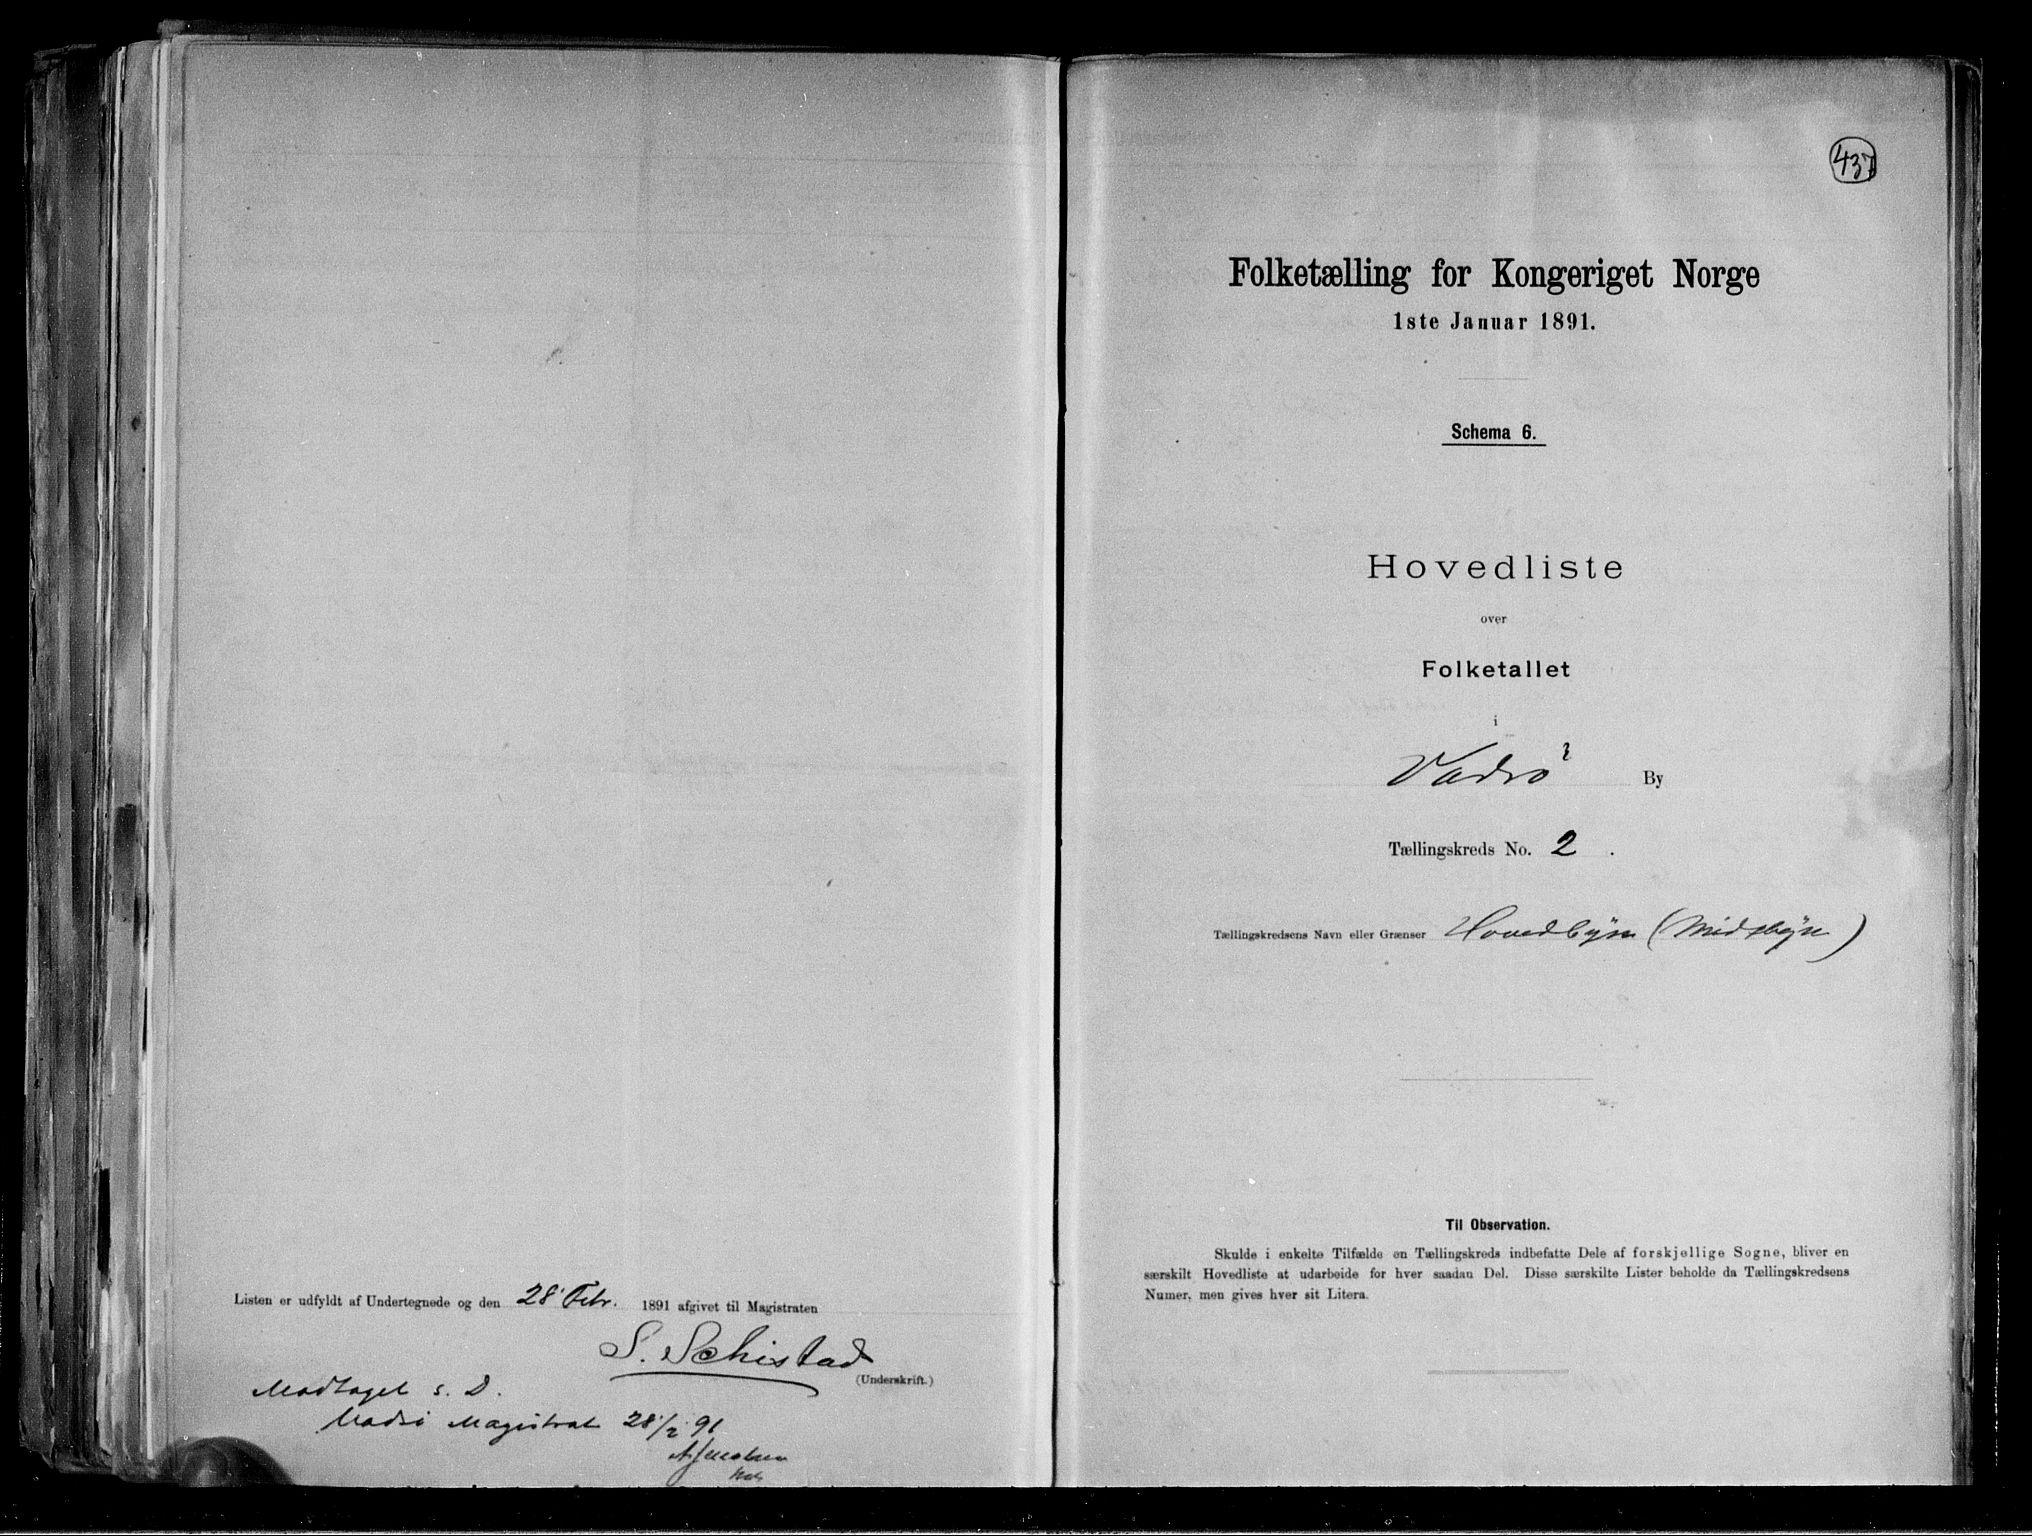 RA, Folketelling 1891 for 2003 Vadsø kjøpstad, 1891, s. 15